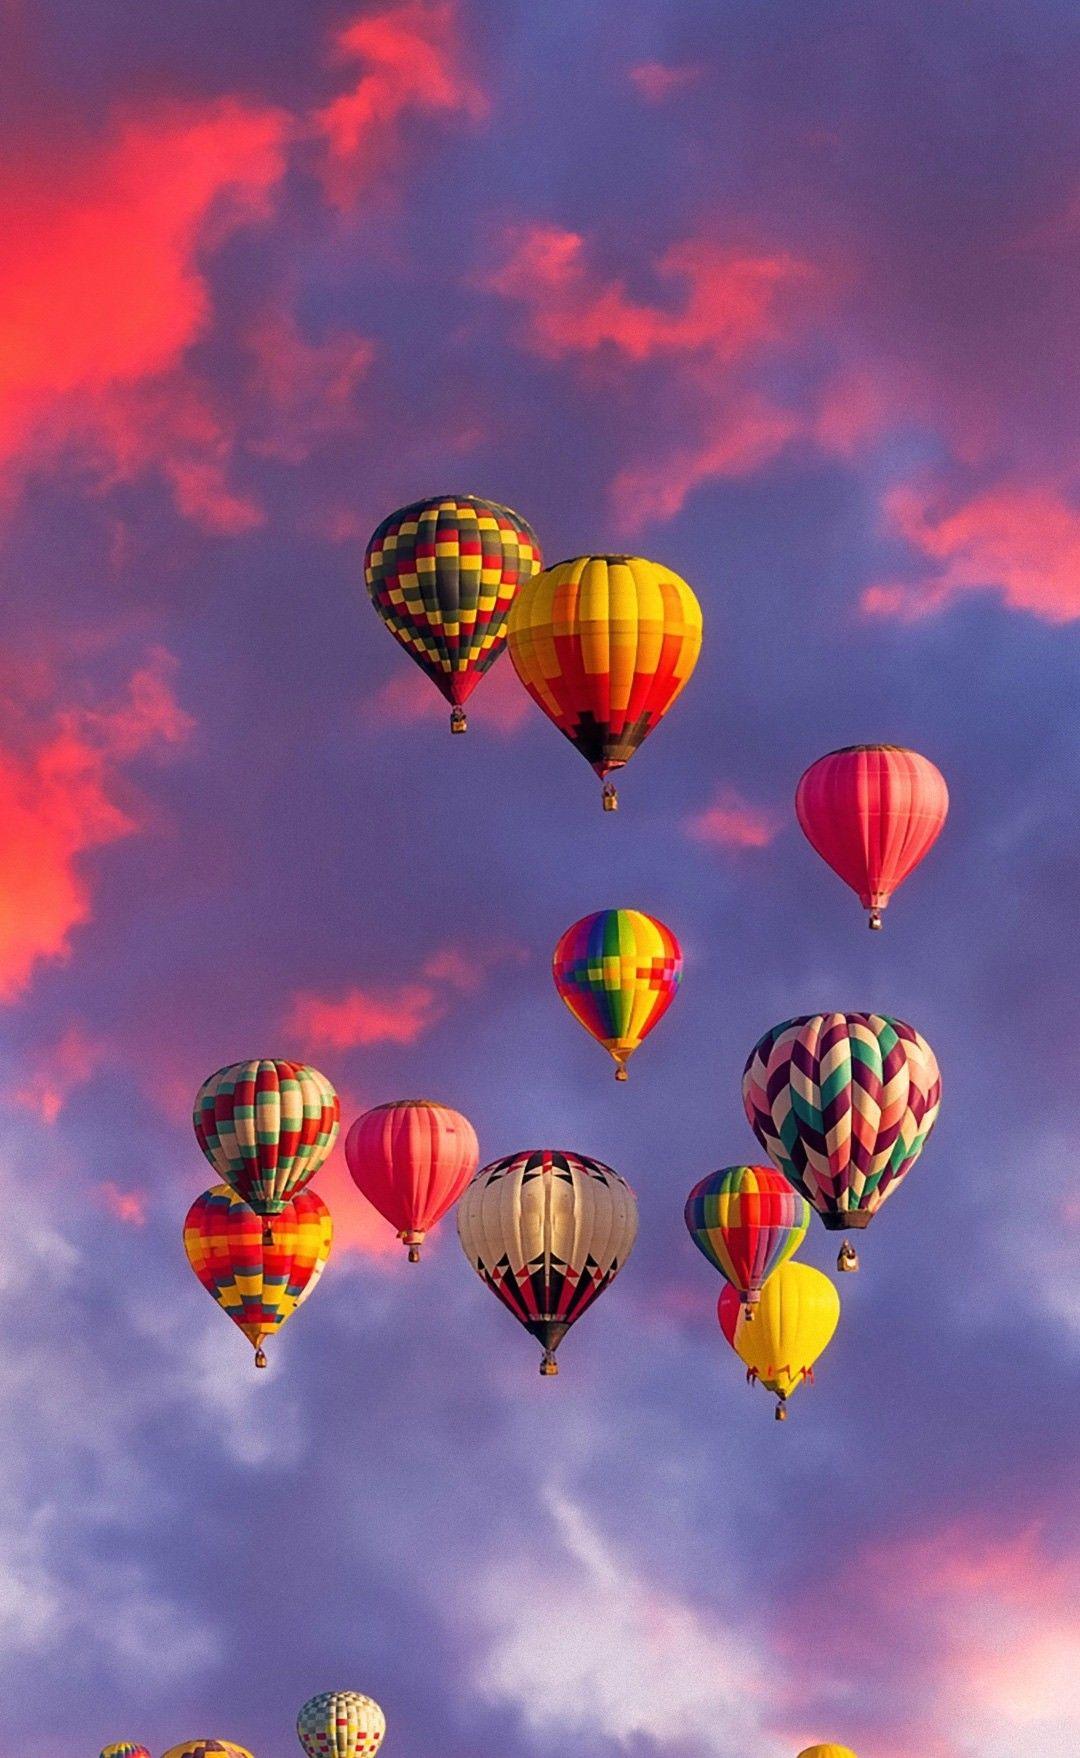 Balloon Fiesta in Albuquerque, New Mexico in 2020 Air